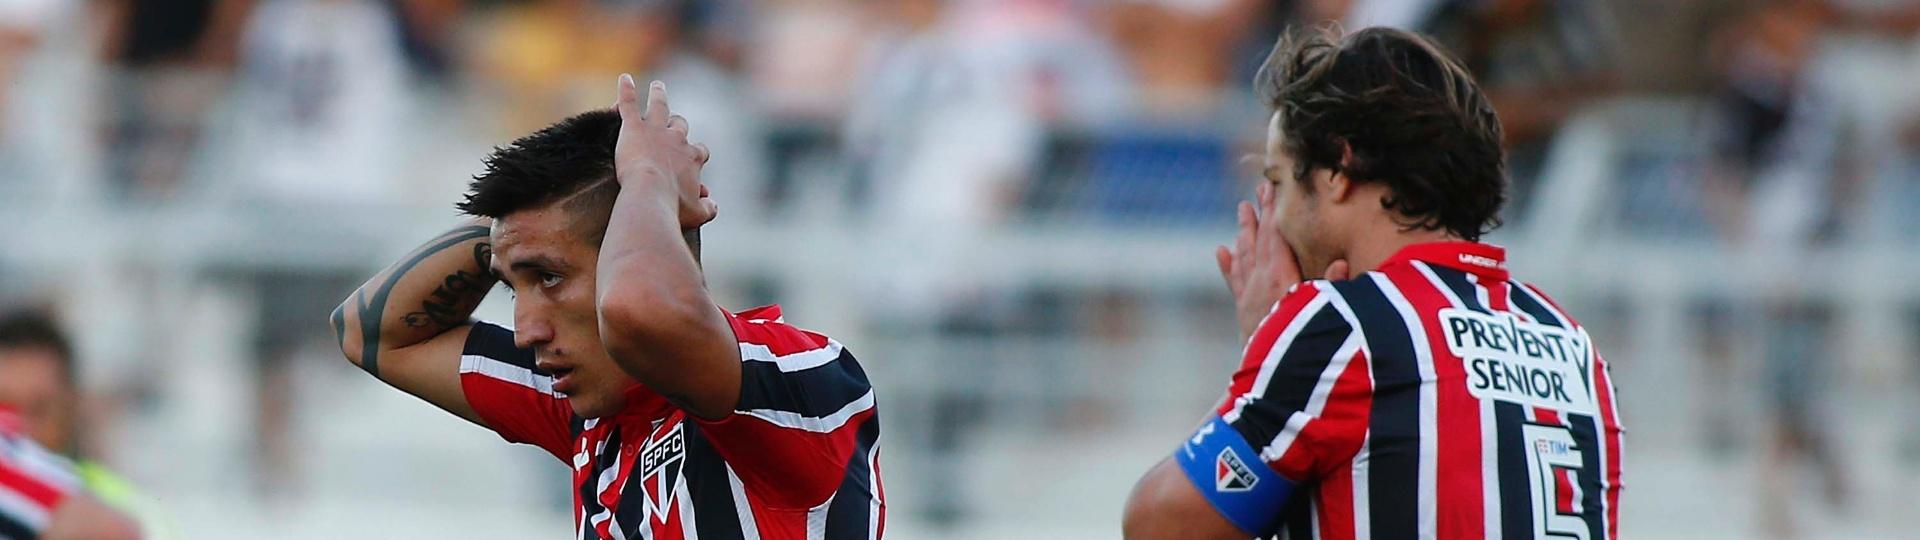 Centurión e Lugano se lamentam após gol da Ponte Preta contra o São Paulo pelo Campeonato Brasileiro